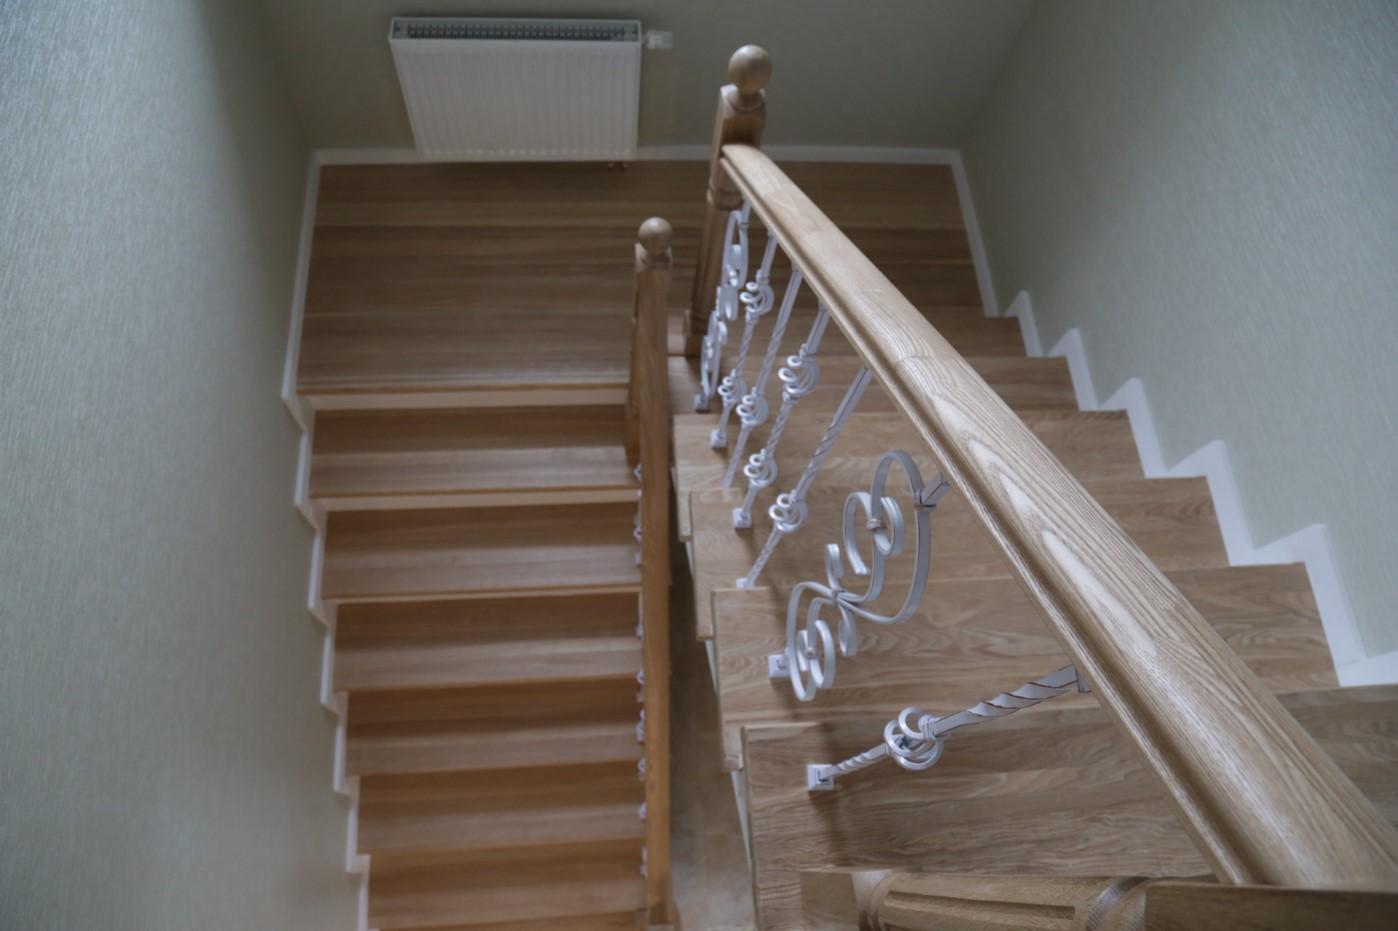 Деревянные п образные лестницы на второй этаж своими руками